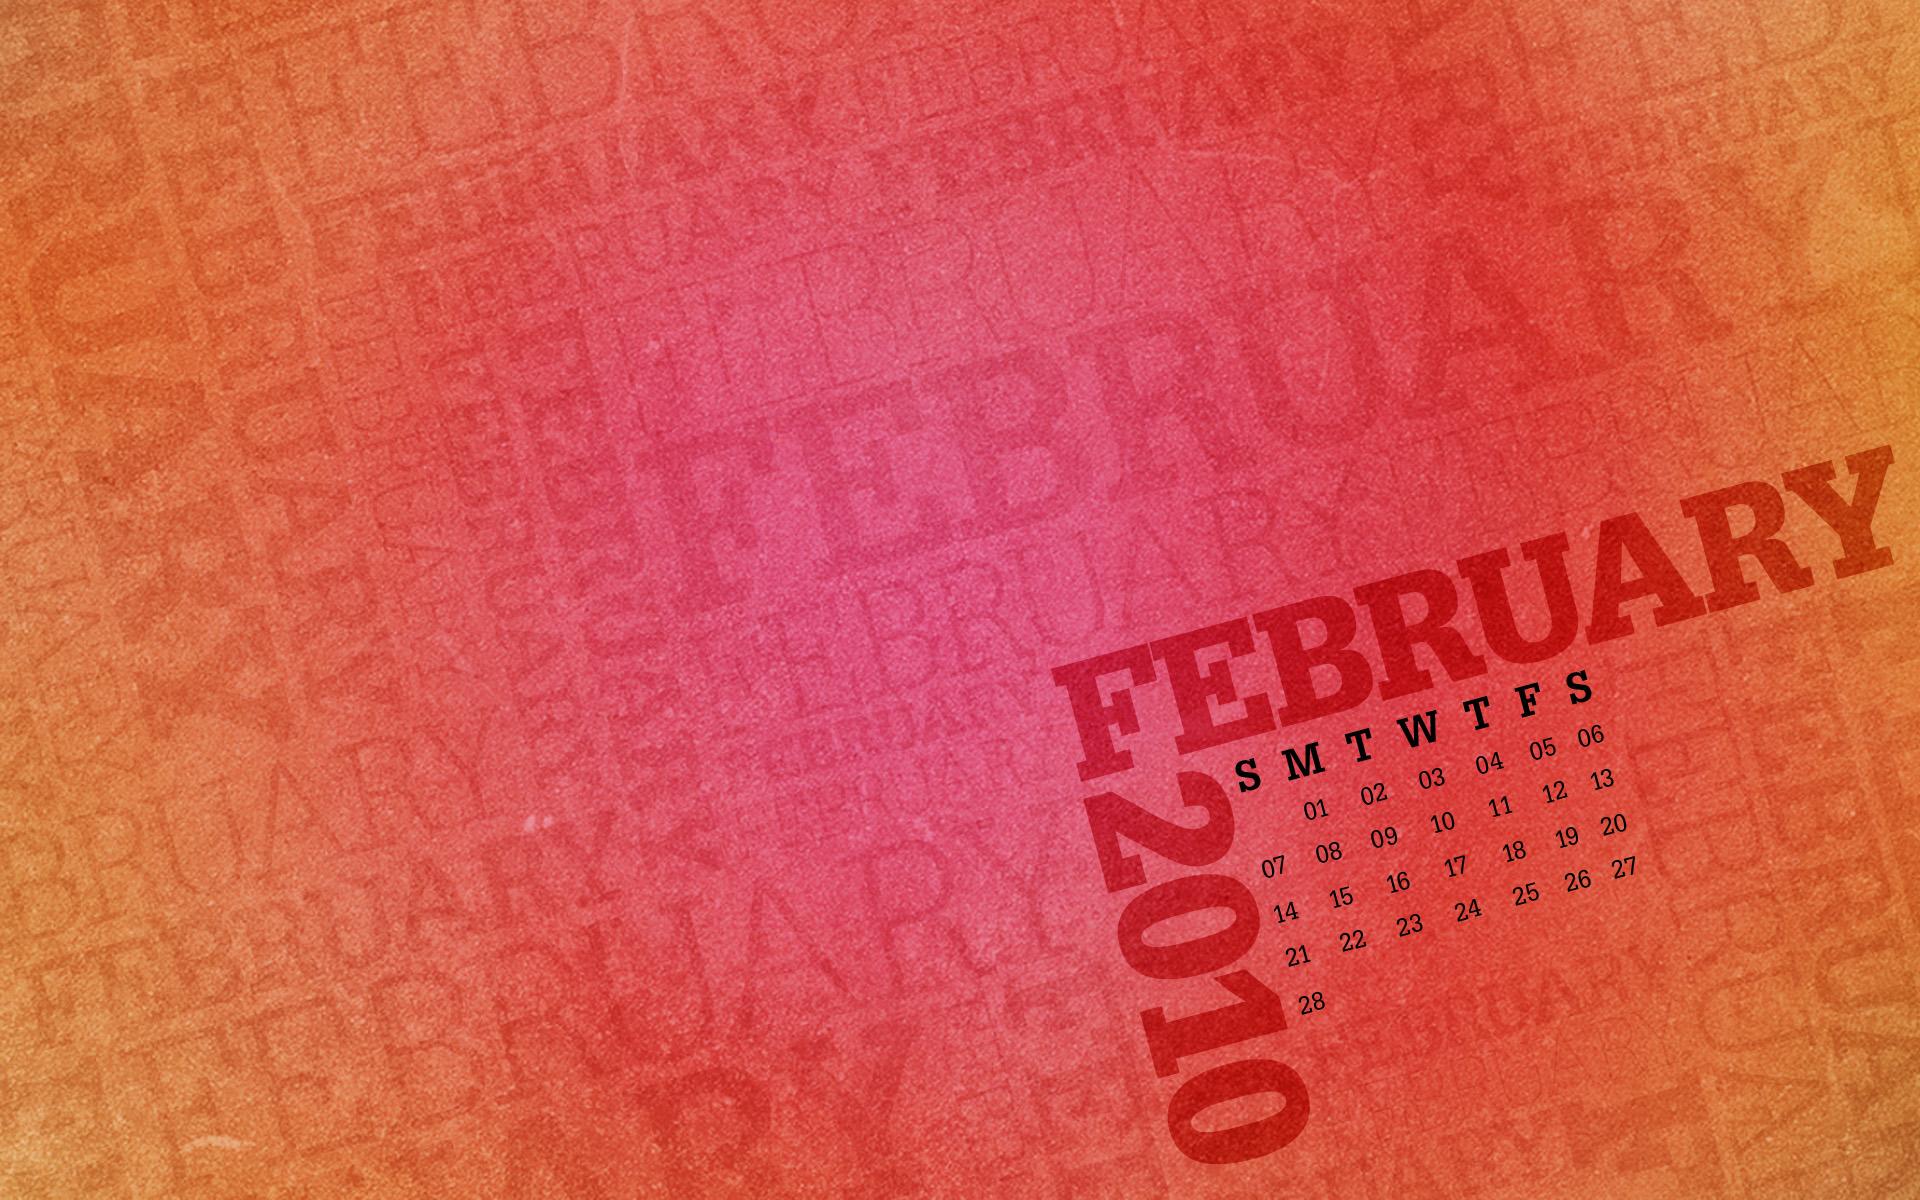 Desktop Wallpaper Calendar February 2010 1920x1200